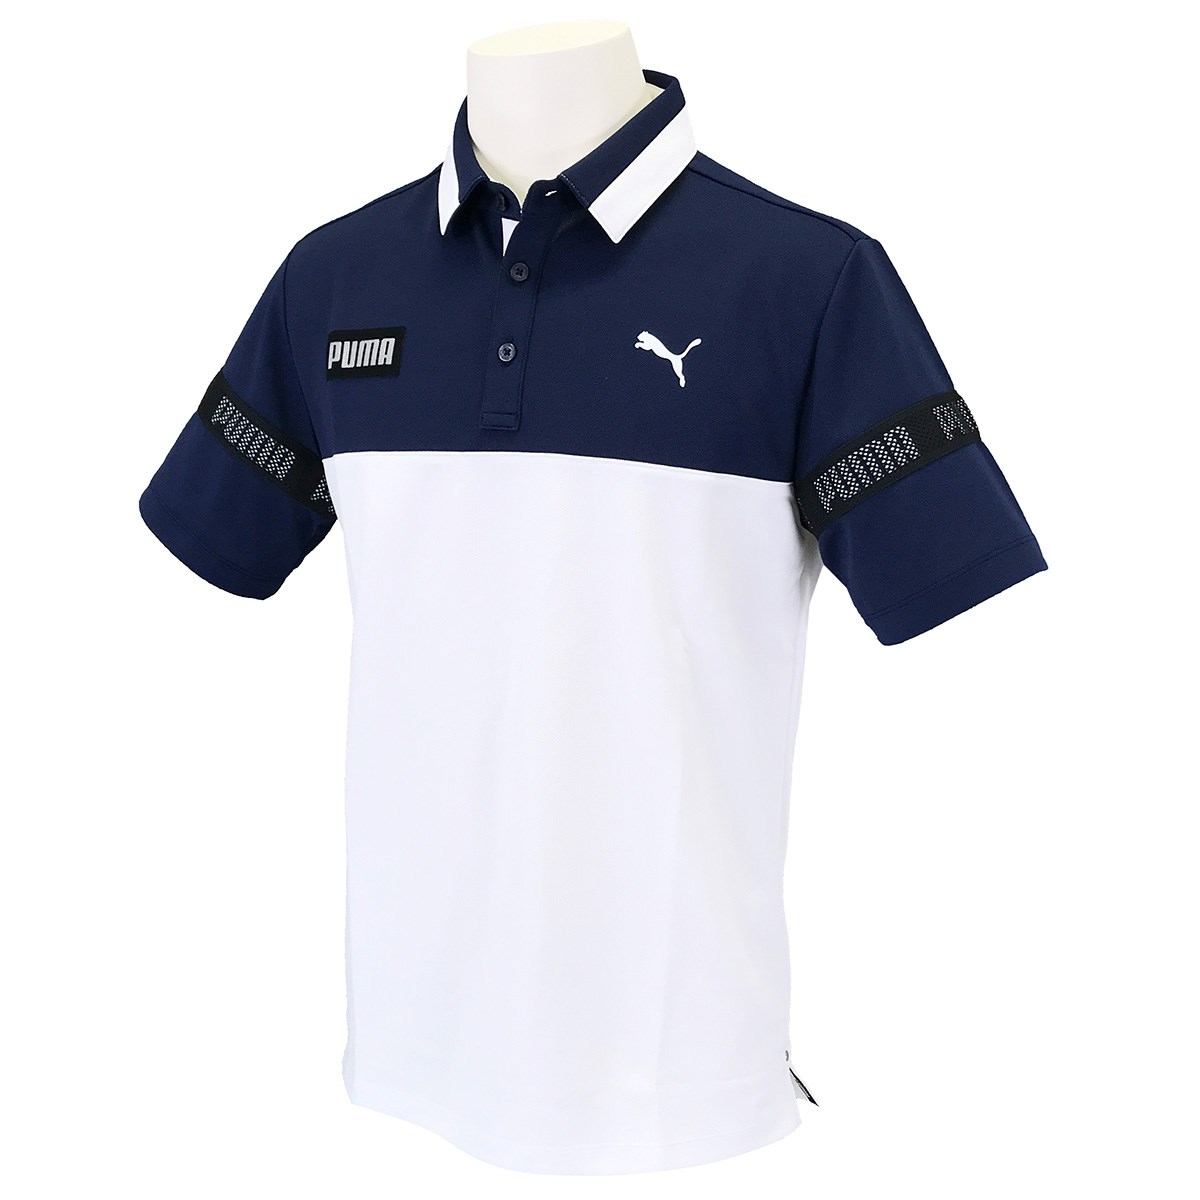 プーマ PUMA カラーブロック 半袖ポロシャツ XL ピーコート 02